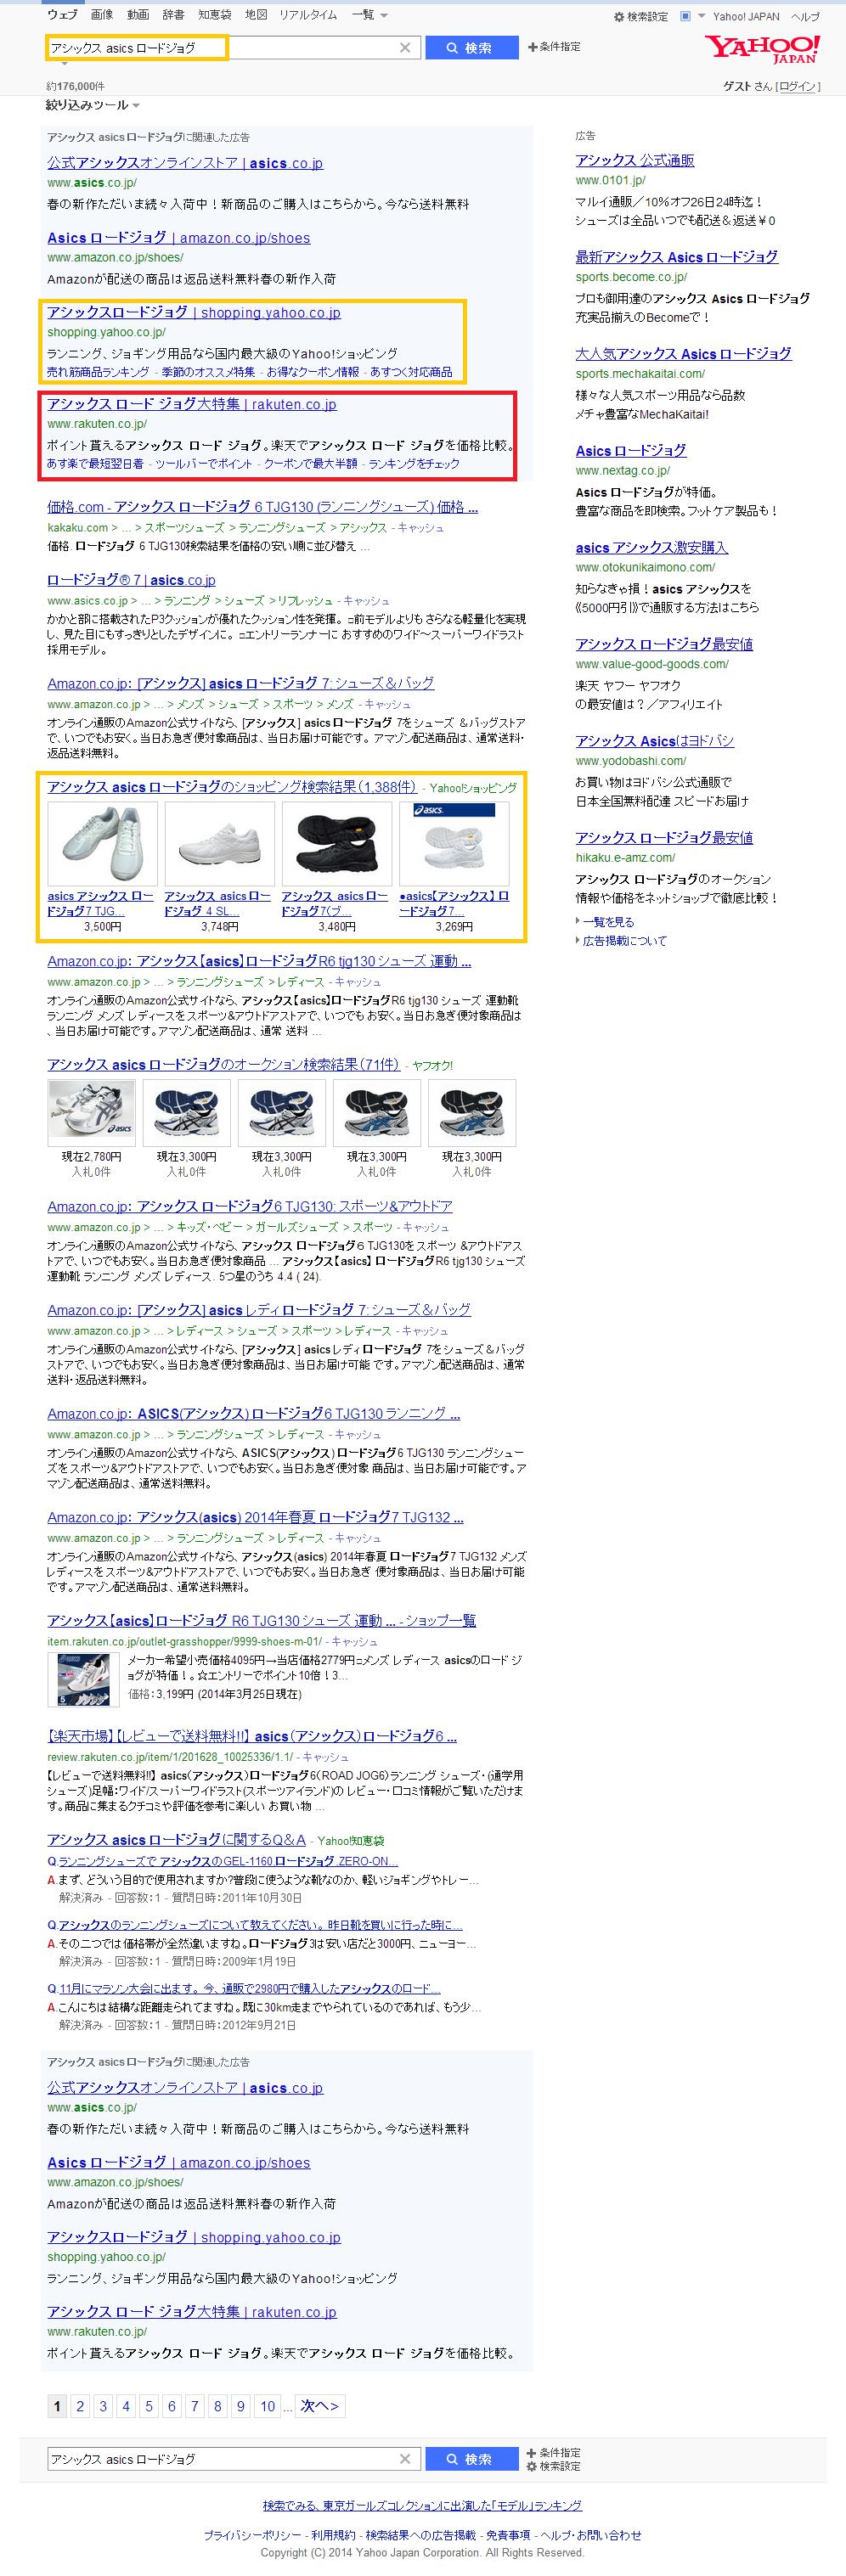 「アシックス asics ロードジョグ」の検索結果   Yahoo 検索1.png